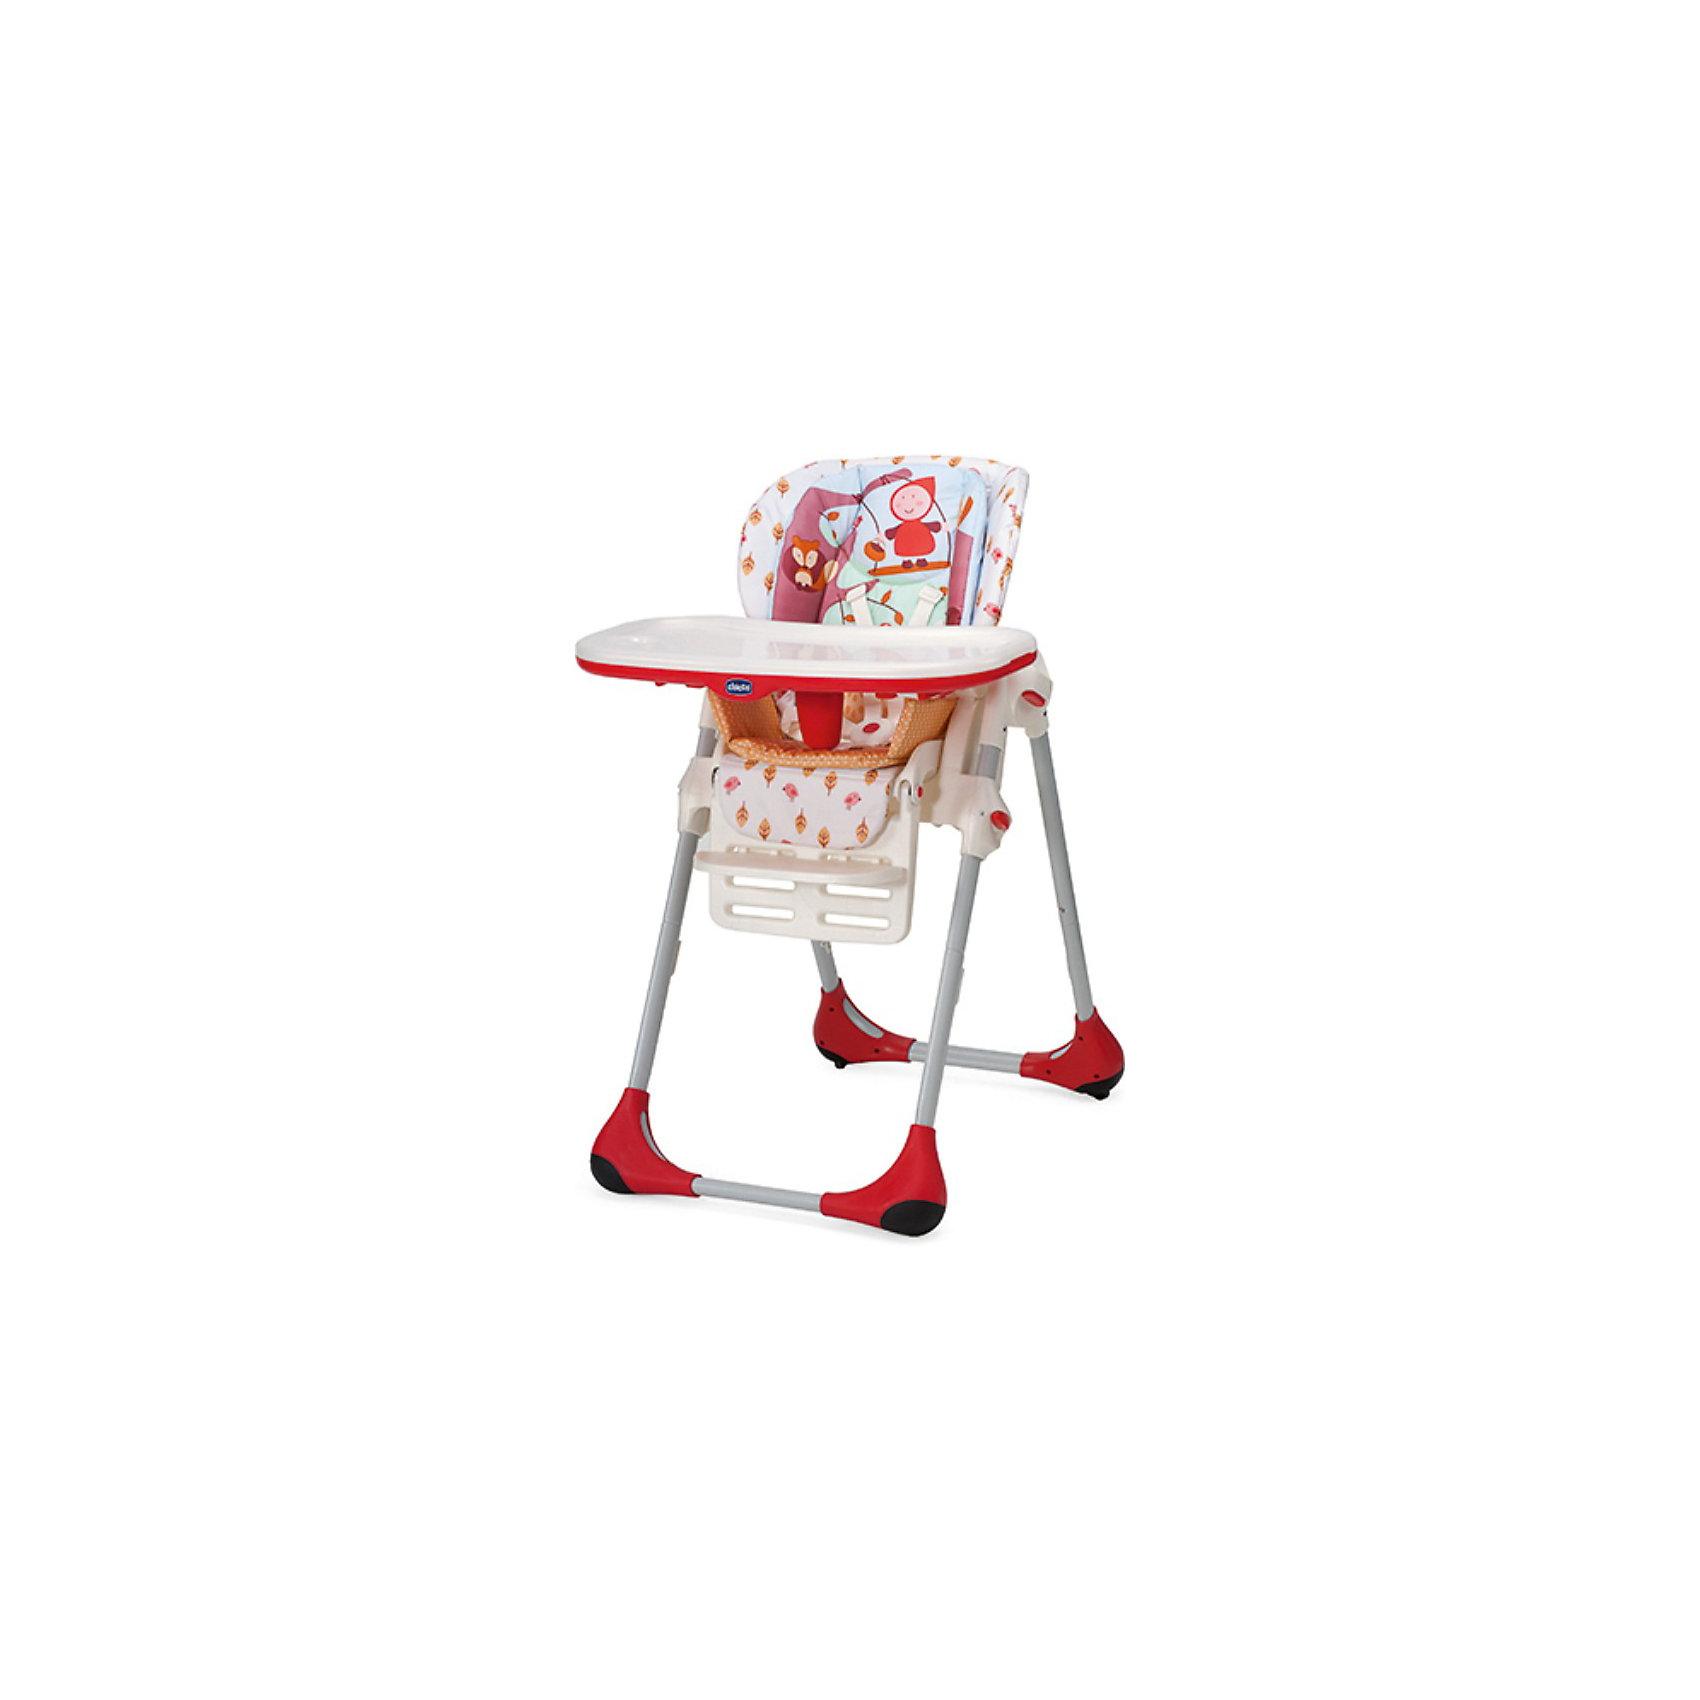 Стульчик для кормления POLLY Happy Land, ChiccoВысокий детский стульчик Chicco Polly 2 в 1 – это первый стульчик, который можно использовать для малыша от 5 месяцев до 3 лет.<br><br>В течение первого периода стульчик Polly проявляет себя в качестве удобного и безопасного стульчика. Идеально подходит для периода отнятия от груди. Затем, когда малыш учится<br>есть самостоятельно, верхние вставки можно снять, поддон можно отсоединить, и тогда стульчик Polly становится первым стулом вашего малыша и дает ему возможность сидеть за столом с мамой и папой и делить с ними этот важный ежедневный момент. Ремень безопасности на пять положений, регулируемый до двух уровней высоты, прочный паховый ремень.<br>Четыре поворотных колеса.<br><br>Дополнительная информация:<br><br>- Материал: ПВХ-материал, легко моющийся, нетоксичный, стойкий.<br>- Рекомендованный возрастной диапазон малыша от 6 месяцев, вес до 15 кг.<br>- Размер в раскрытом виде: 55 x 85 x 104,5 см <br>- Размер в сложенном виде: 55 x 27 x 100 см<br>- Вес товара: 12,5 кг<br><br>Ширина мм: 540<br>Глубина мм: 315<br>Высота мм: 640<br>Вес г: 12600<br>Возраст от месяцев: 6<br>Возраст до месяцев: 36<br>Пол: Унисекс<br>Возраст: Детский<br>SKU: 3319084